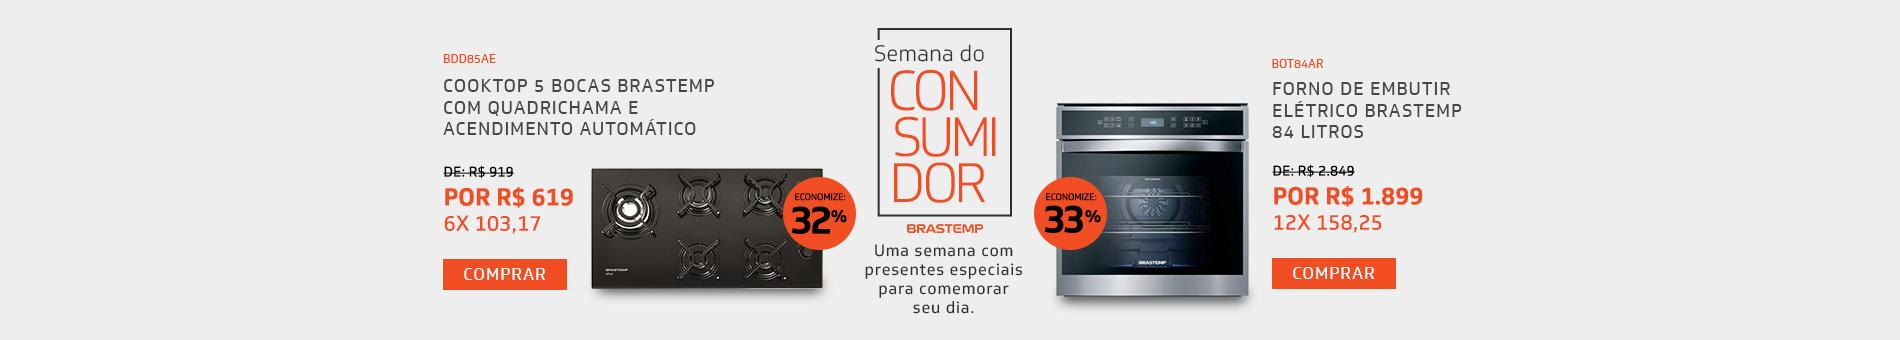 Promoção Interna - 2895 - campanha-semana-consumidor_BYS5PCR-preco_11032019_home4 - BYS5PCR-preco - 4